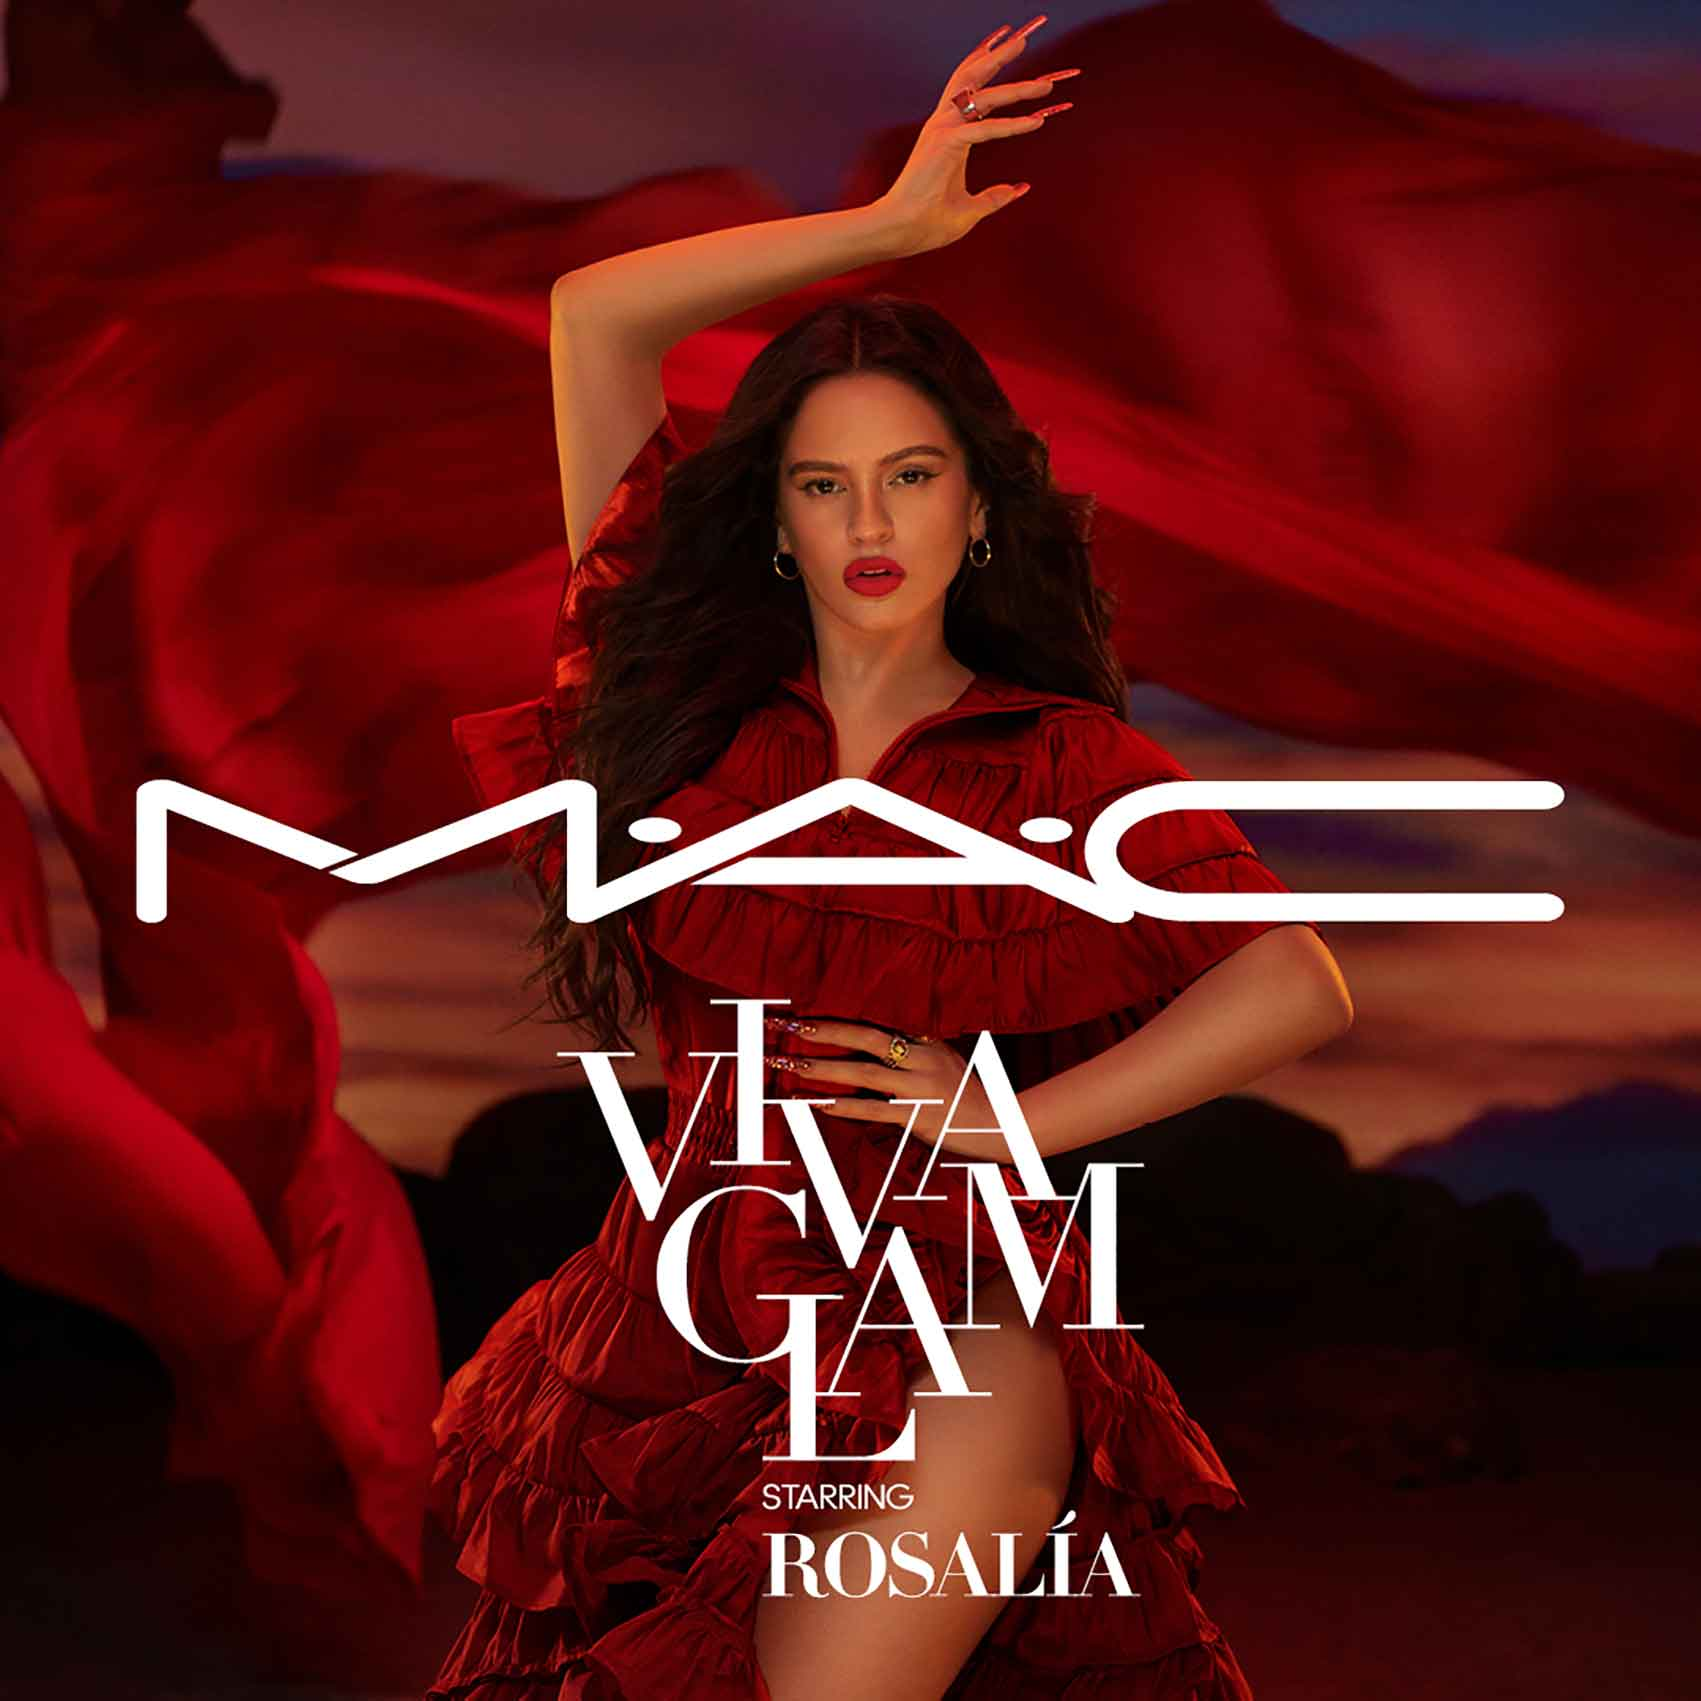 מגזין-אופנה-רוסליה-זמרת-ספרדיה-זוכת הגראמי-נערת-מאק